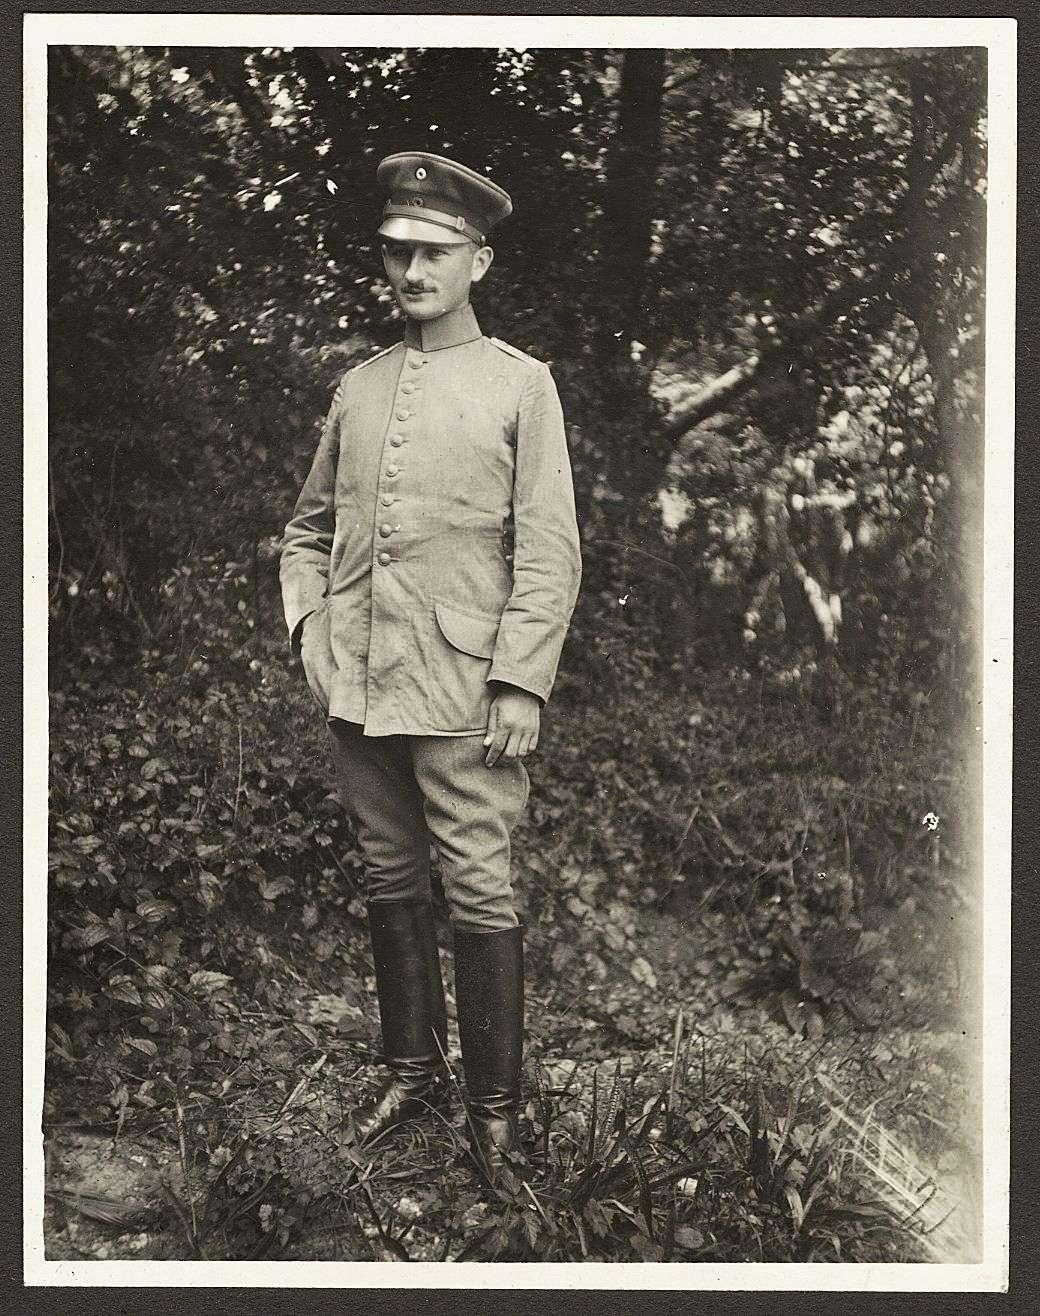 Förster, Theodor, Bild 1